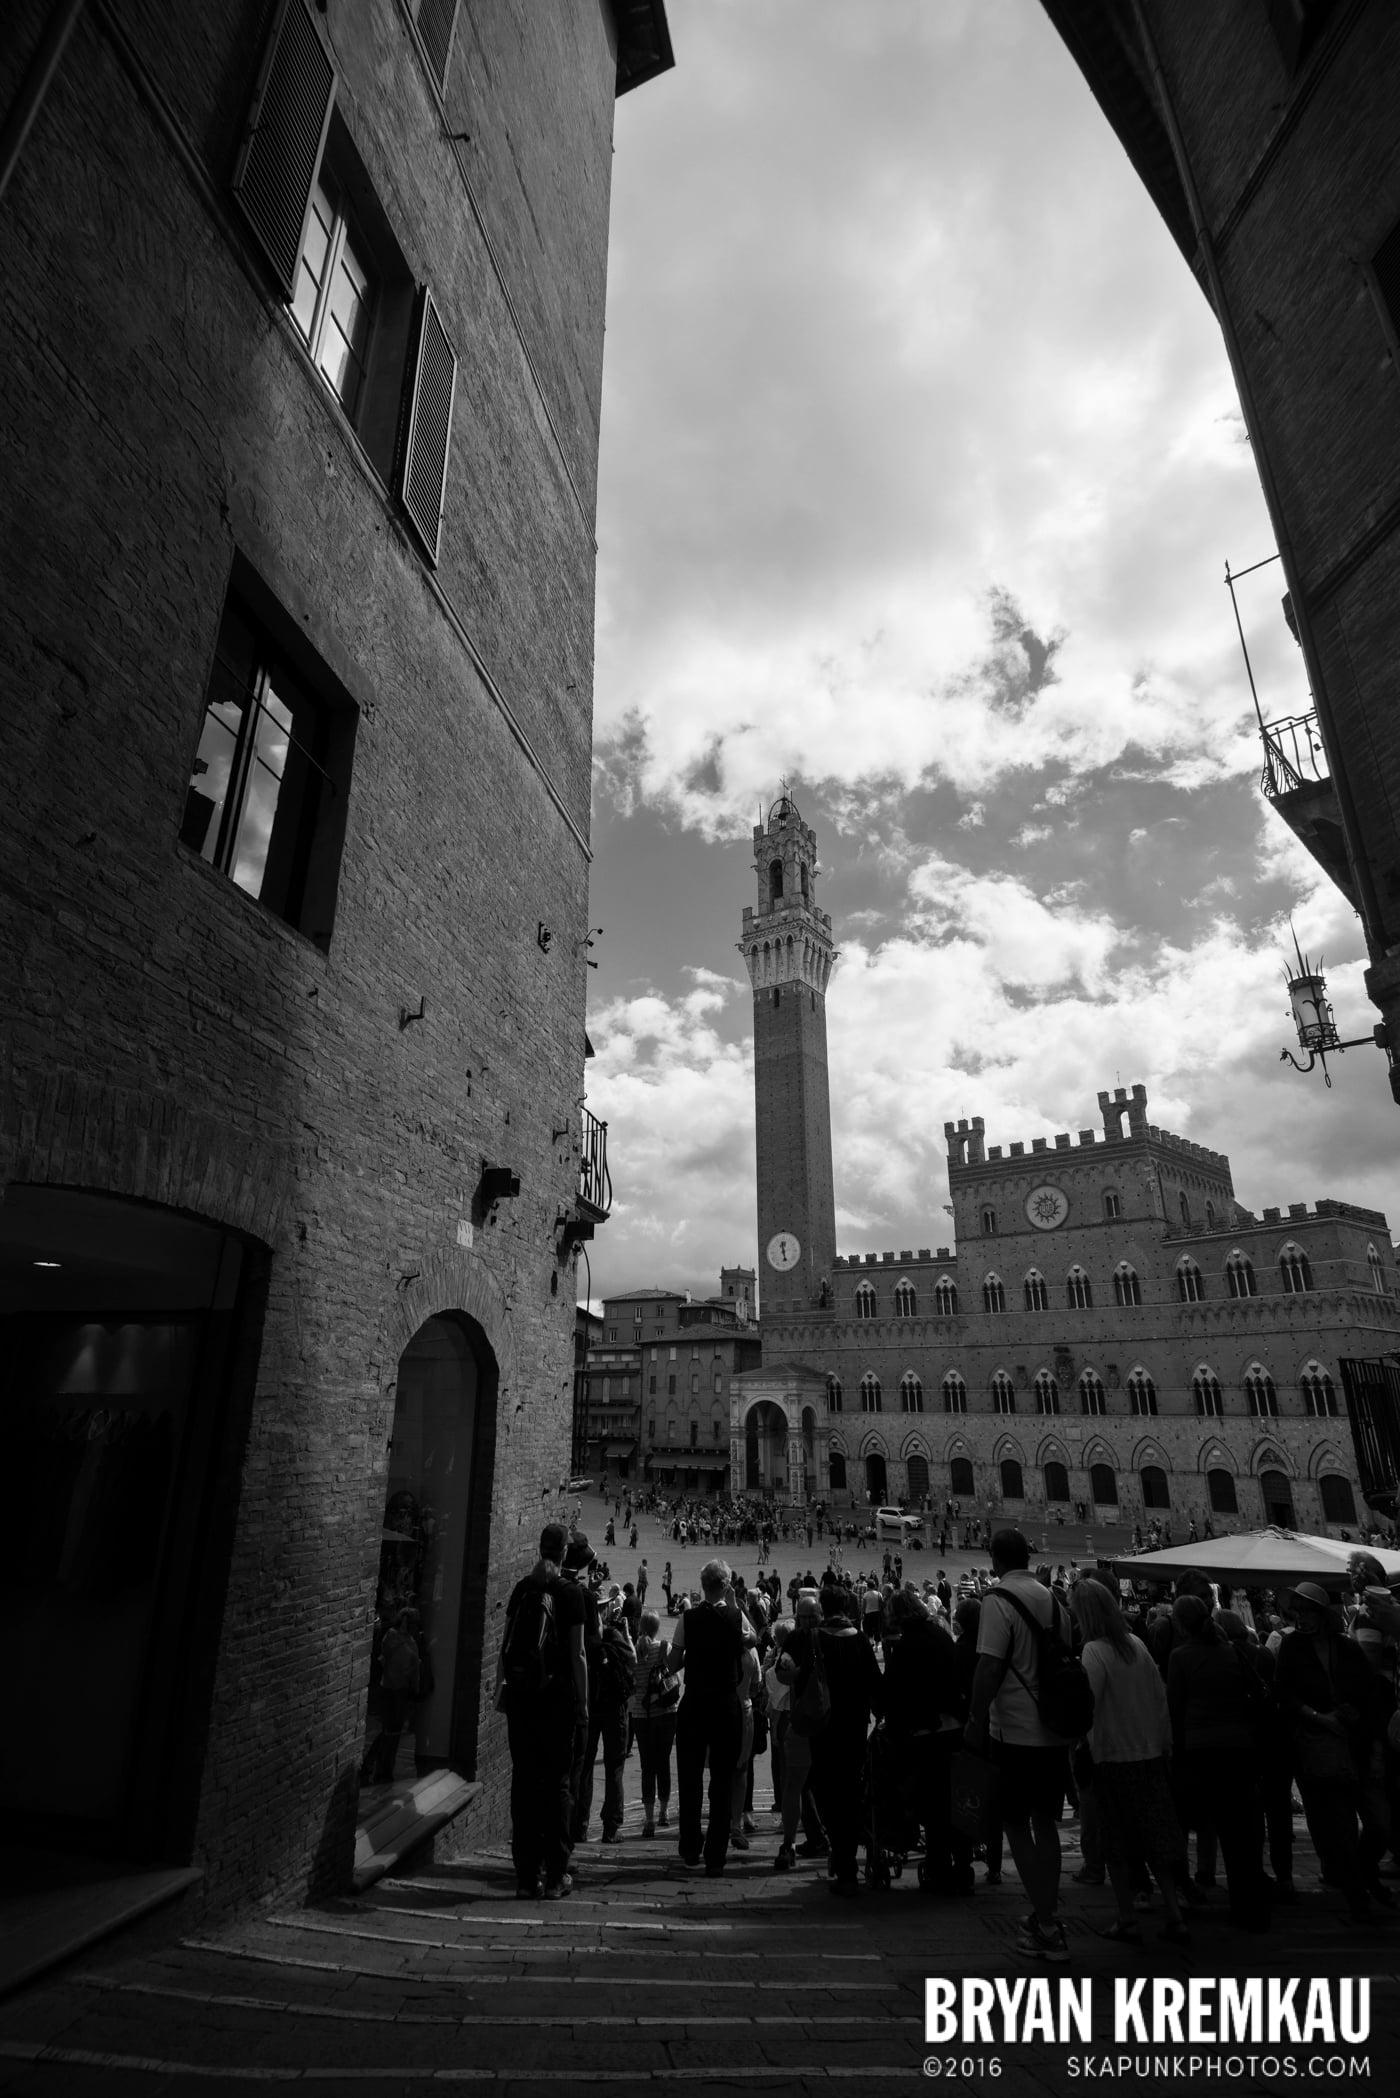 Italy Vacation - Day 8: Siena, San Gimignano, Chianti, Pisa - 9.16.13 (120)